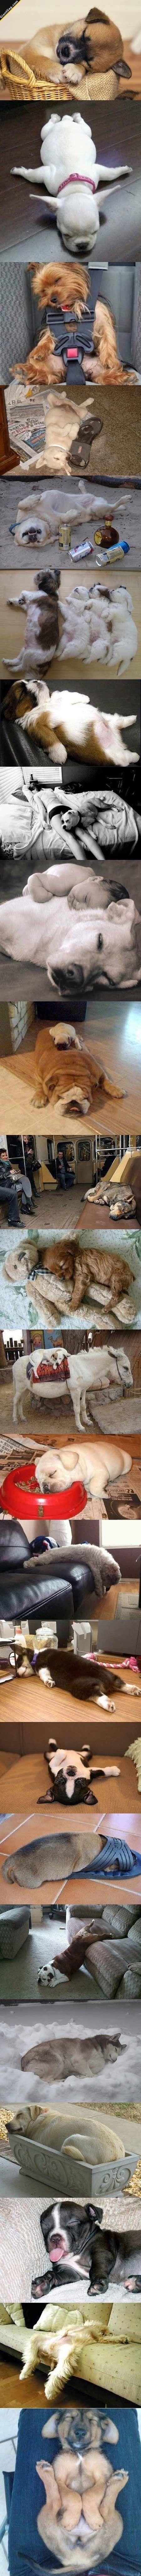 Sweet Dreams!!!!